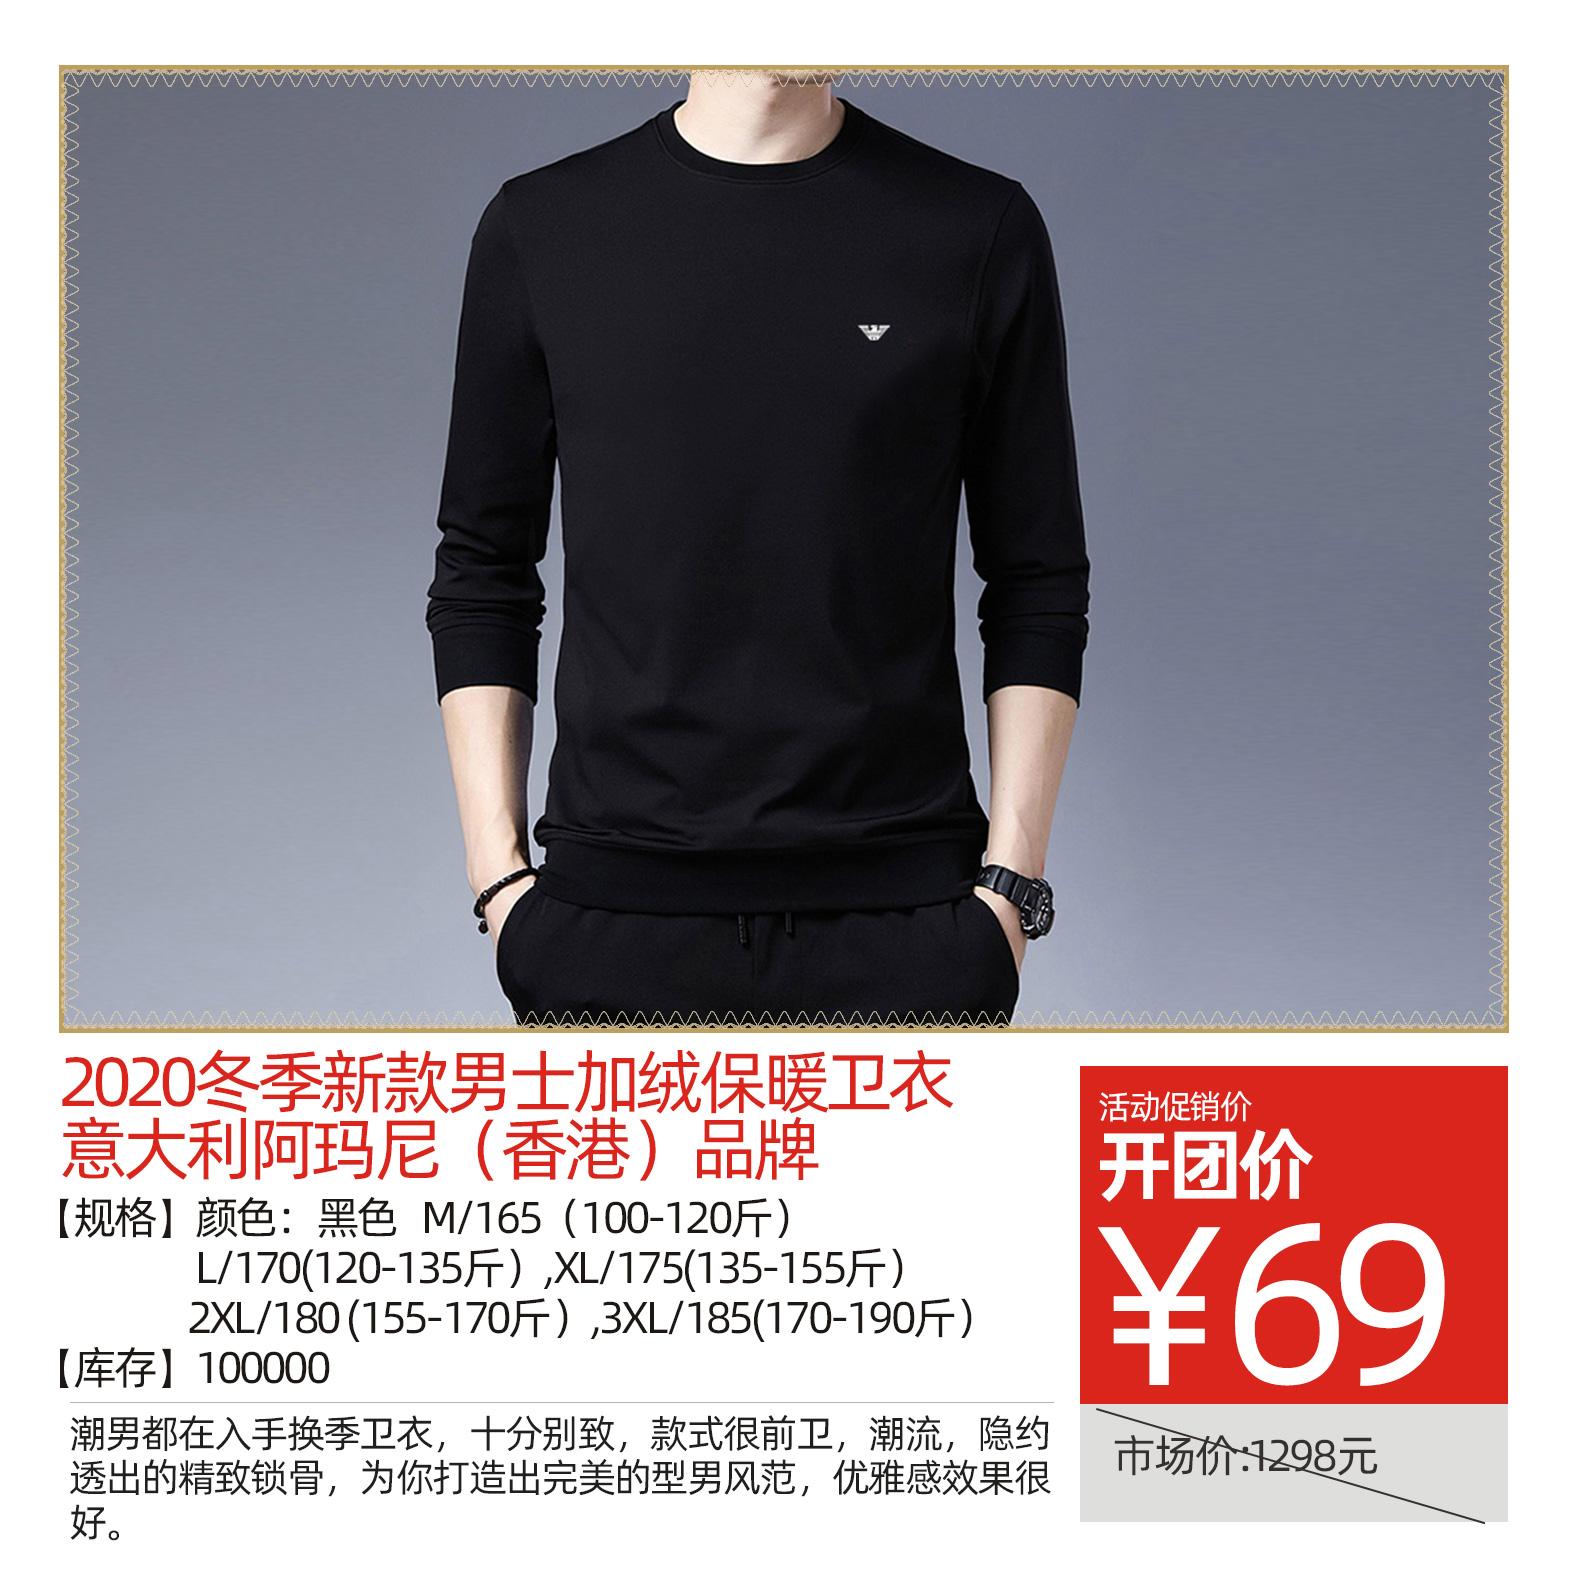 ZCA8860【AMANIITELY】  2020冬季新款男士加绒保暖卫衣 意大利阿玛尼(香港)品牌